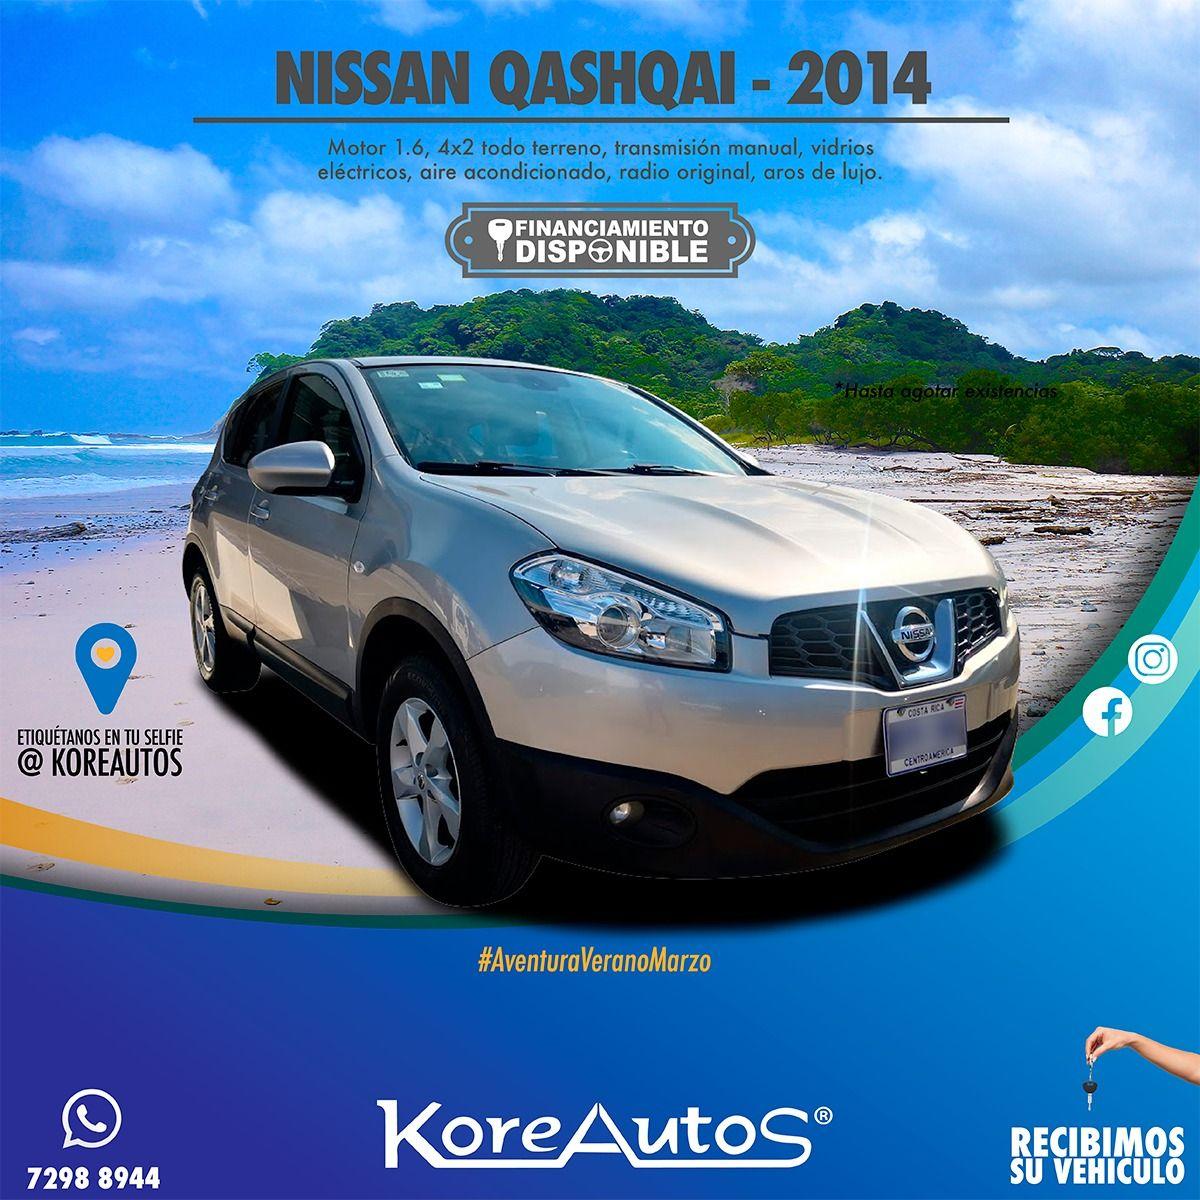 Nissan Qashqai 2014 Nissan Nissan Qashqai Vehicles